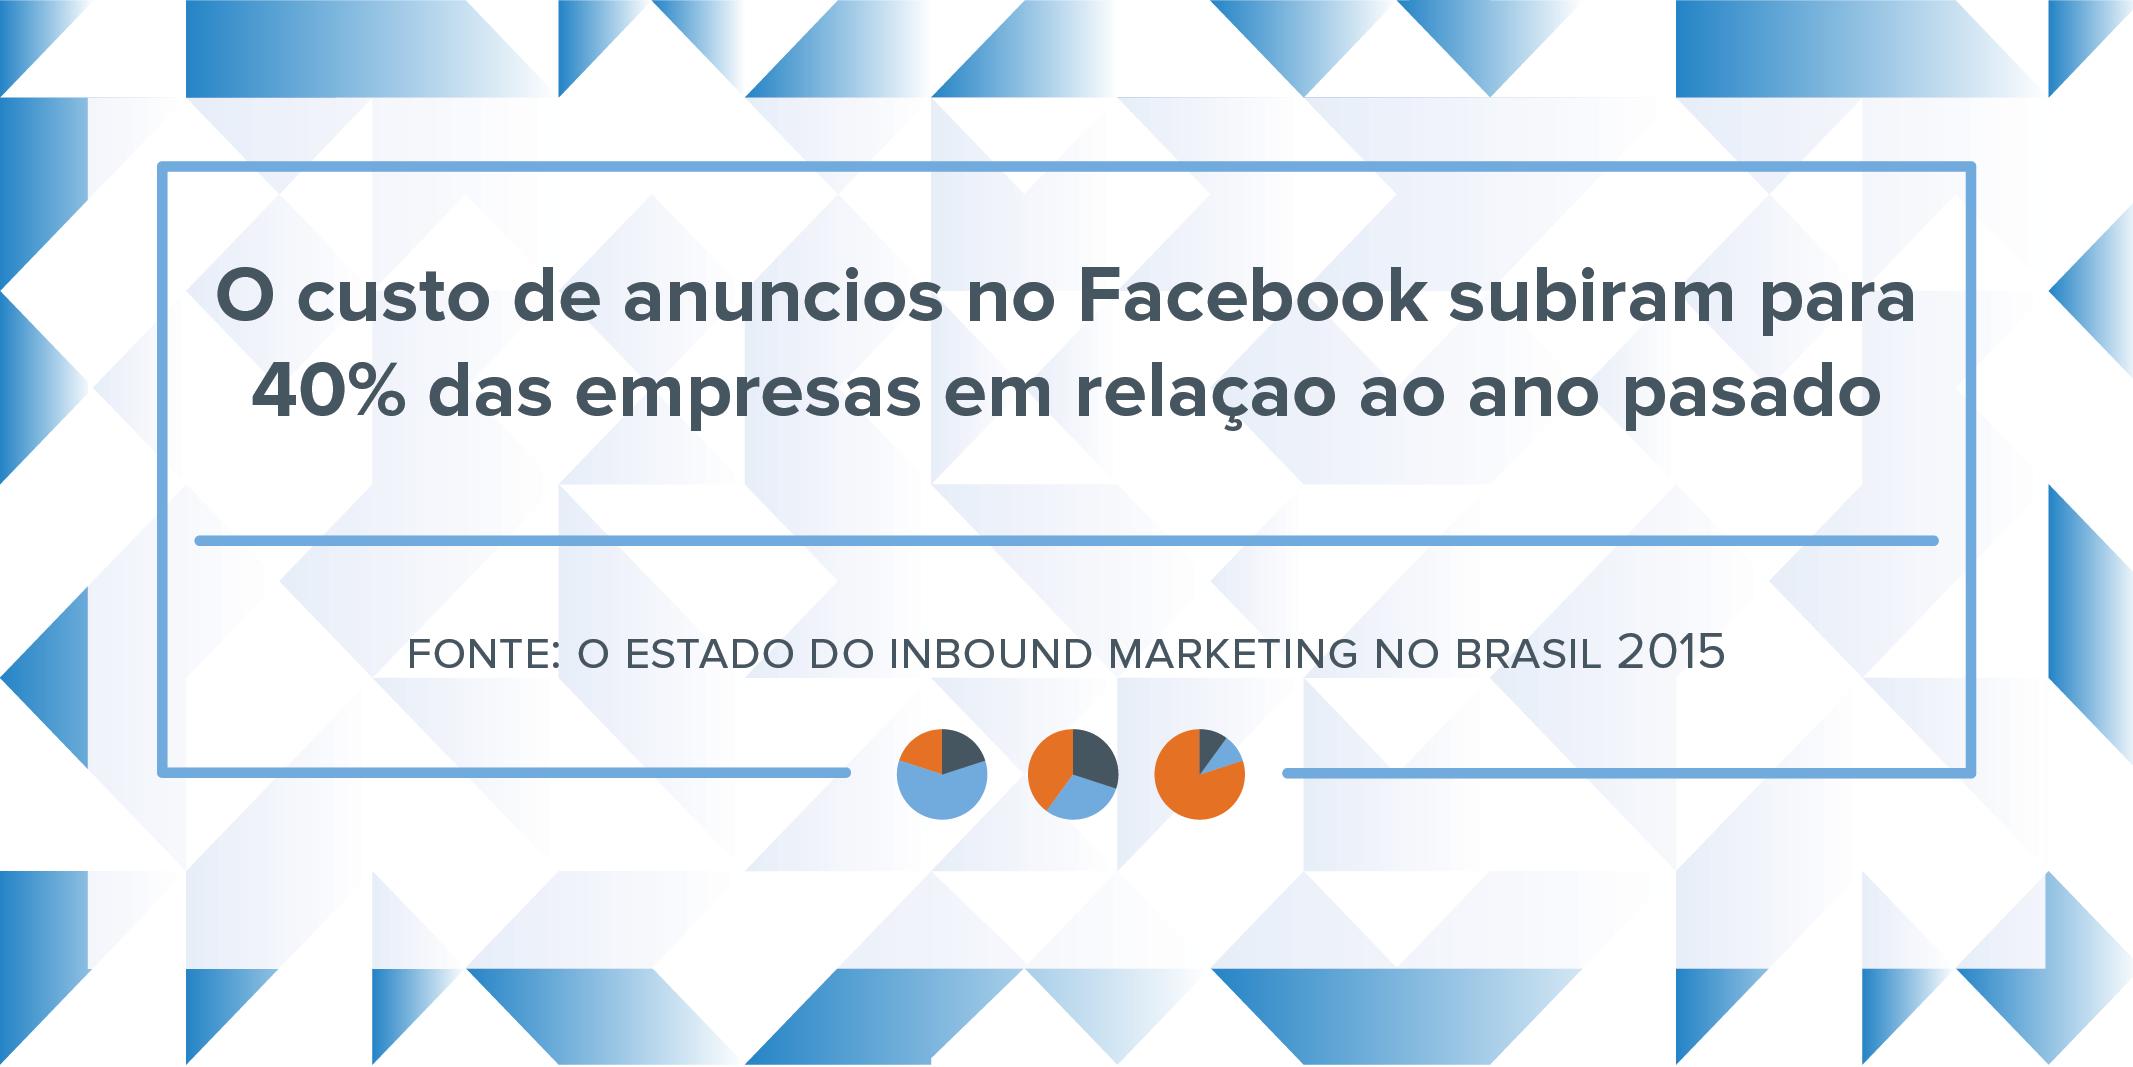 estatisticas-de-inbound-marketing-5.png